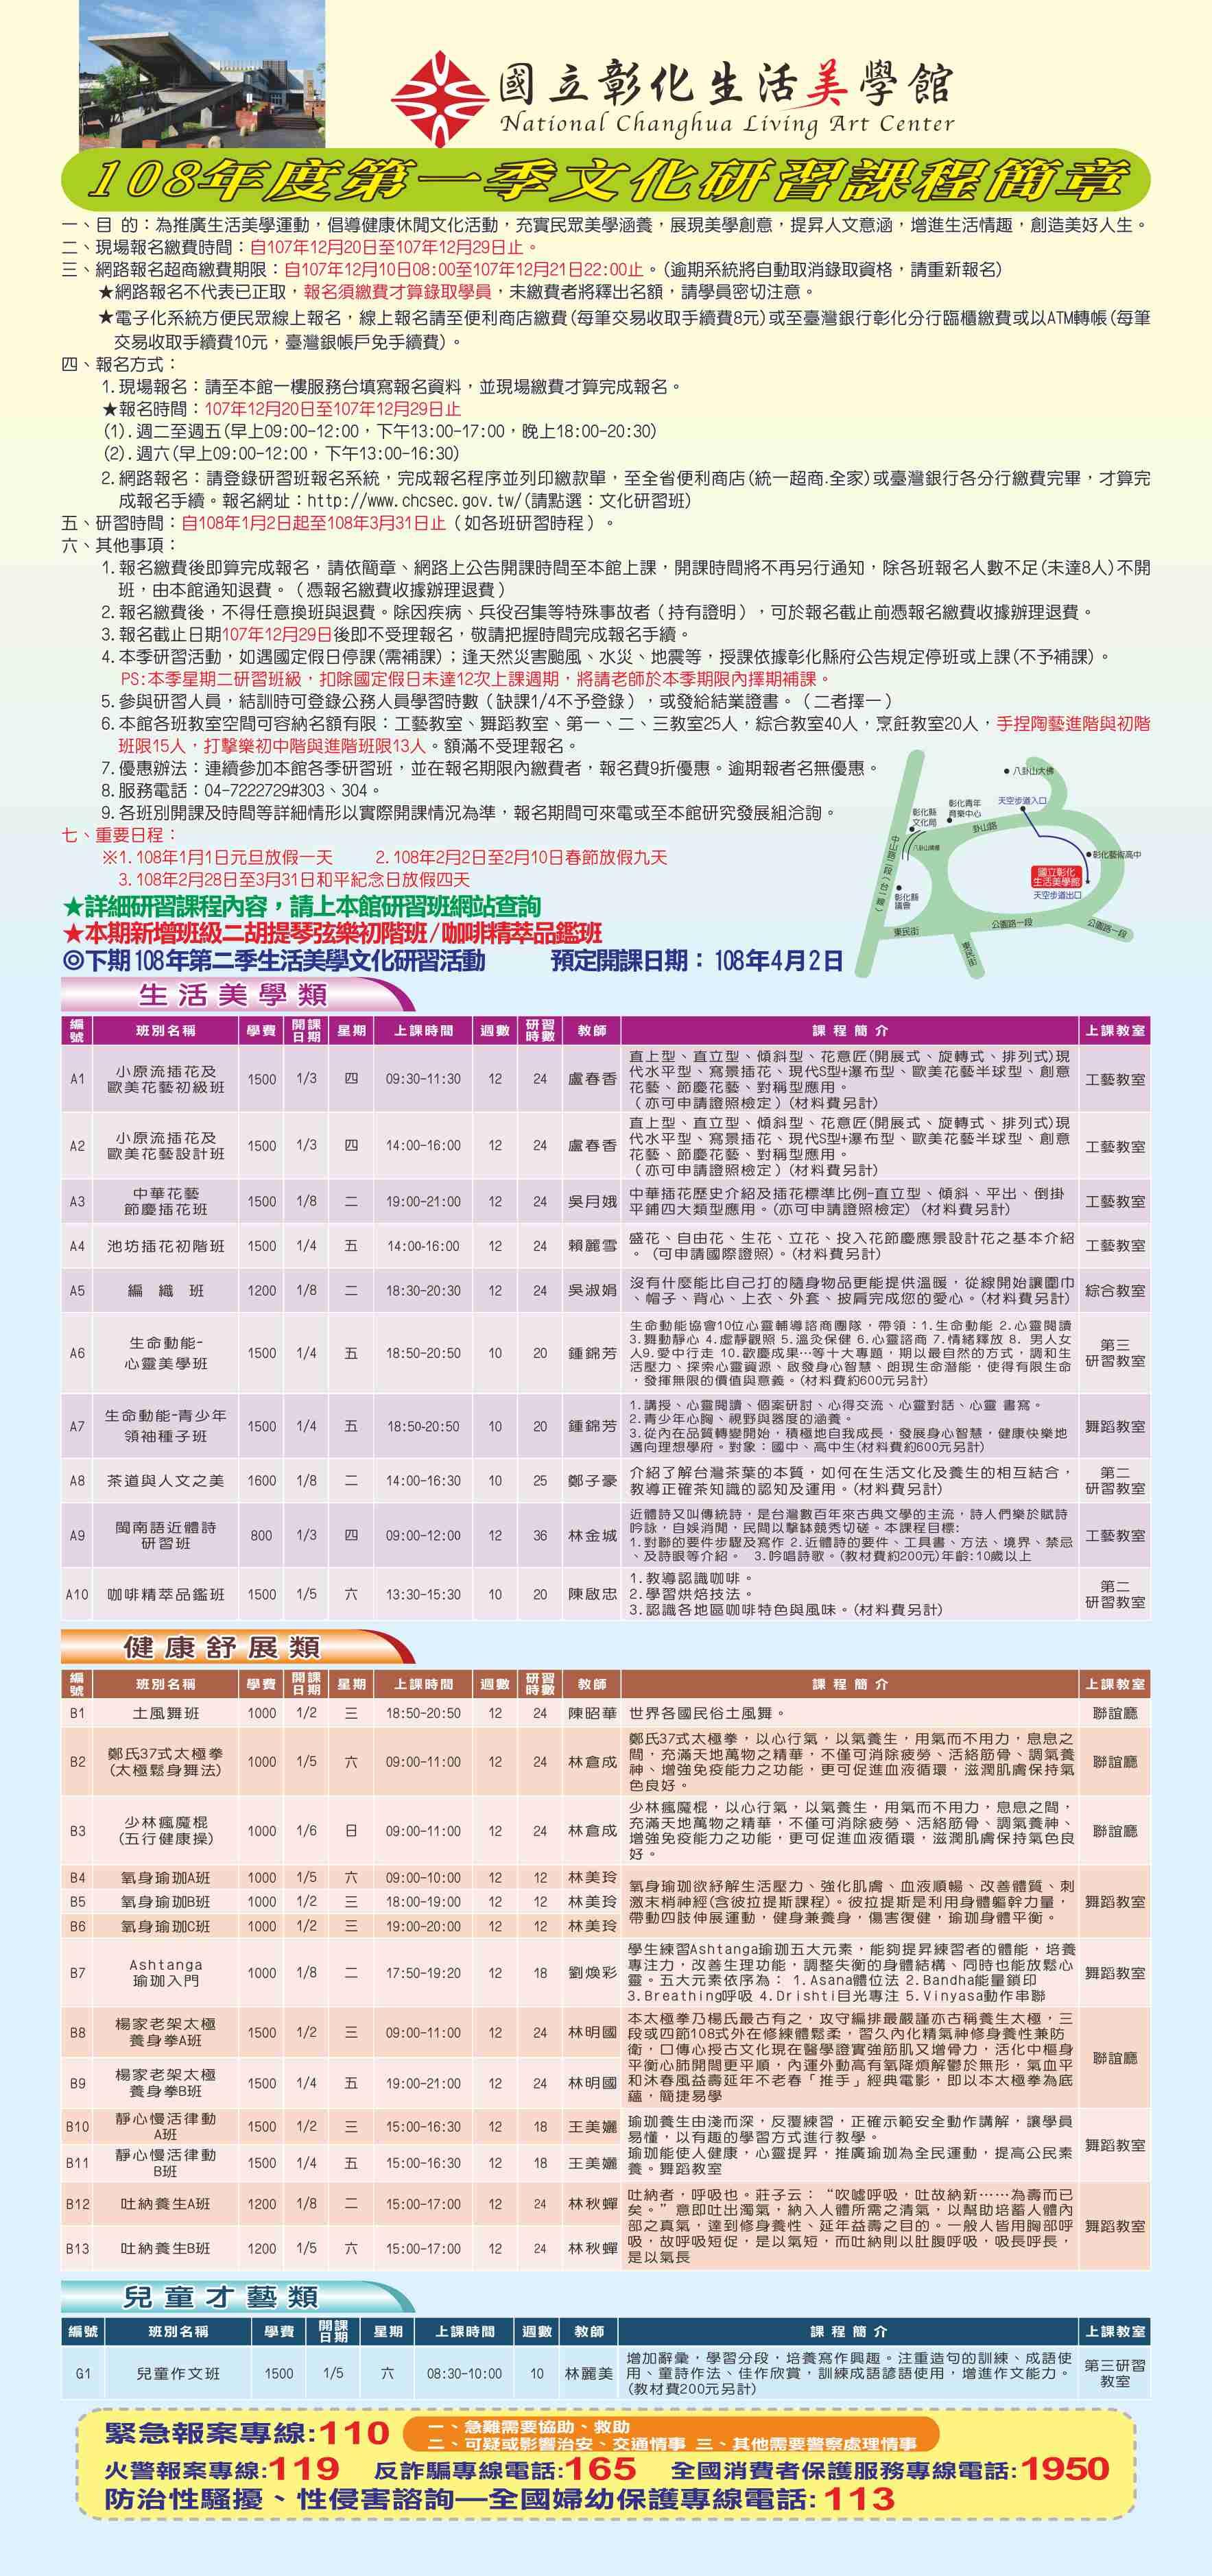 108年第一季研習簡章-彩色2018-11-15A.jpg